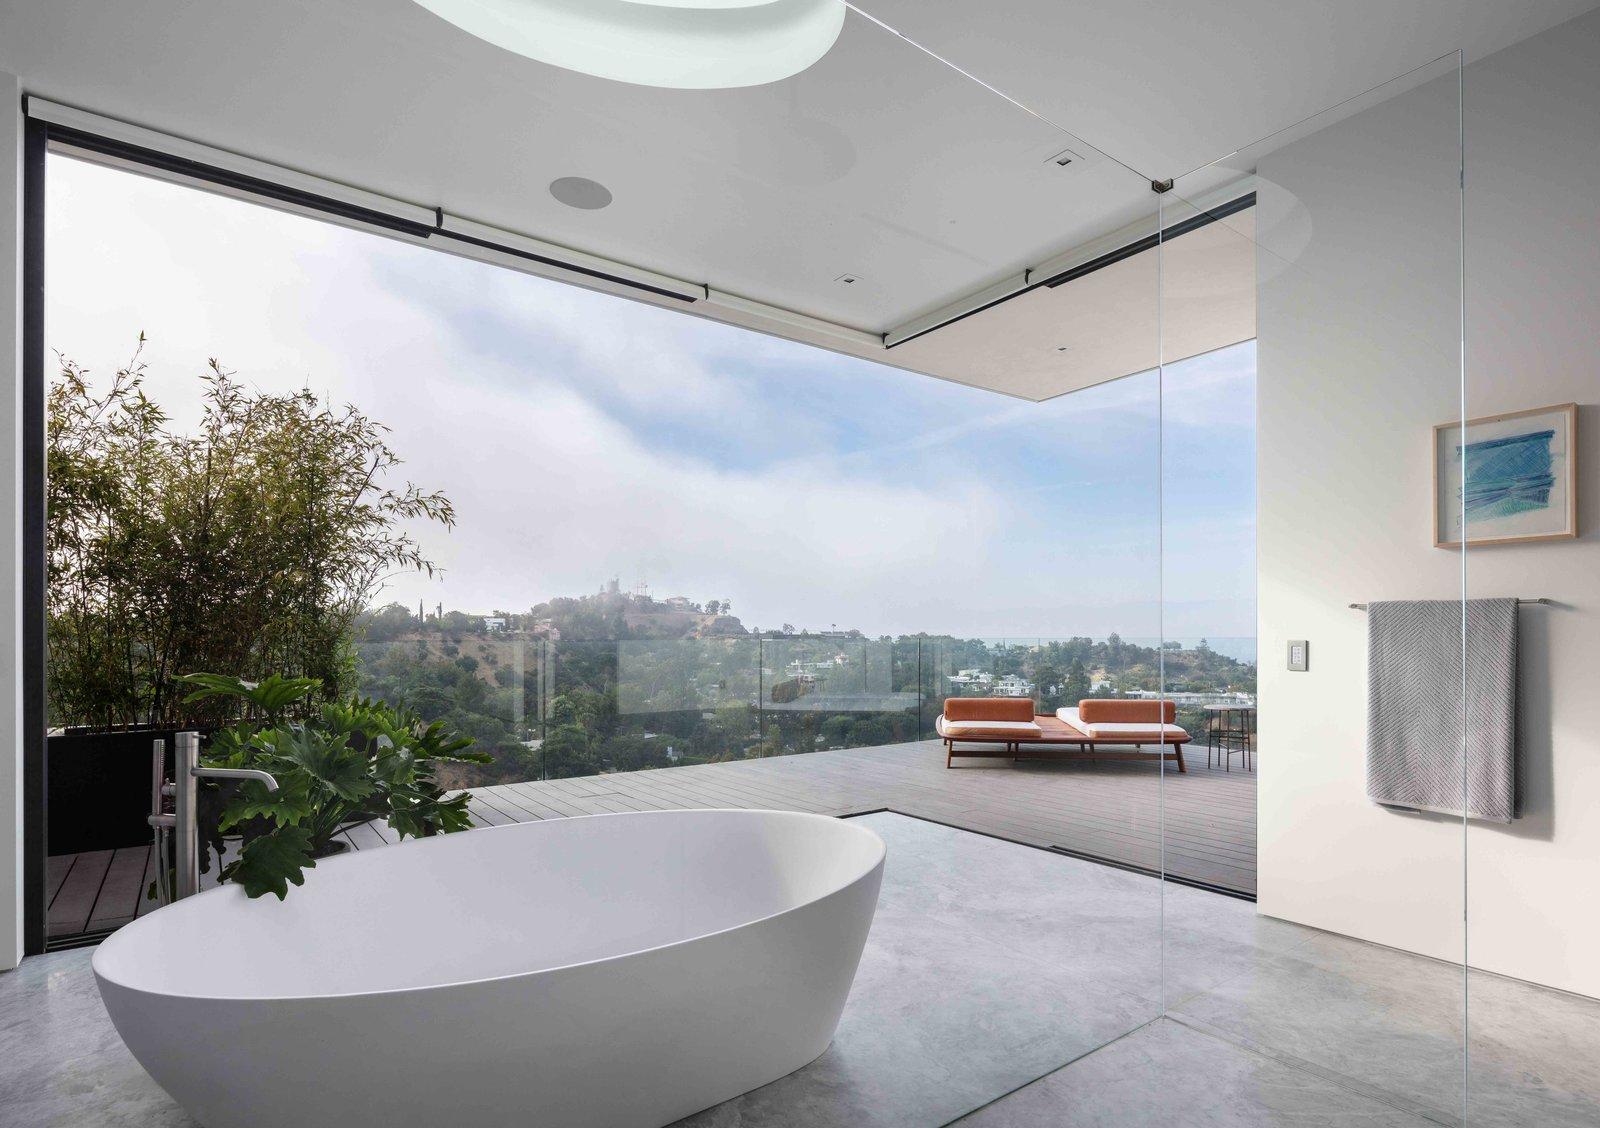 Carla House bathtub